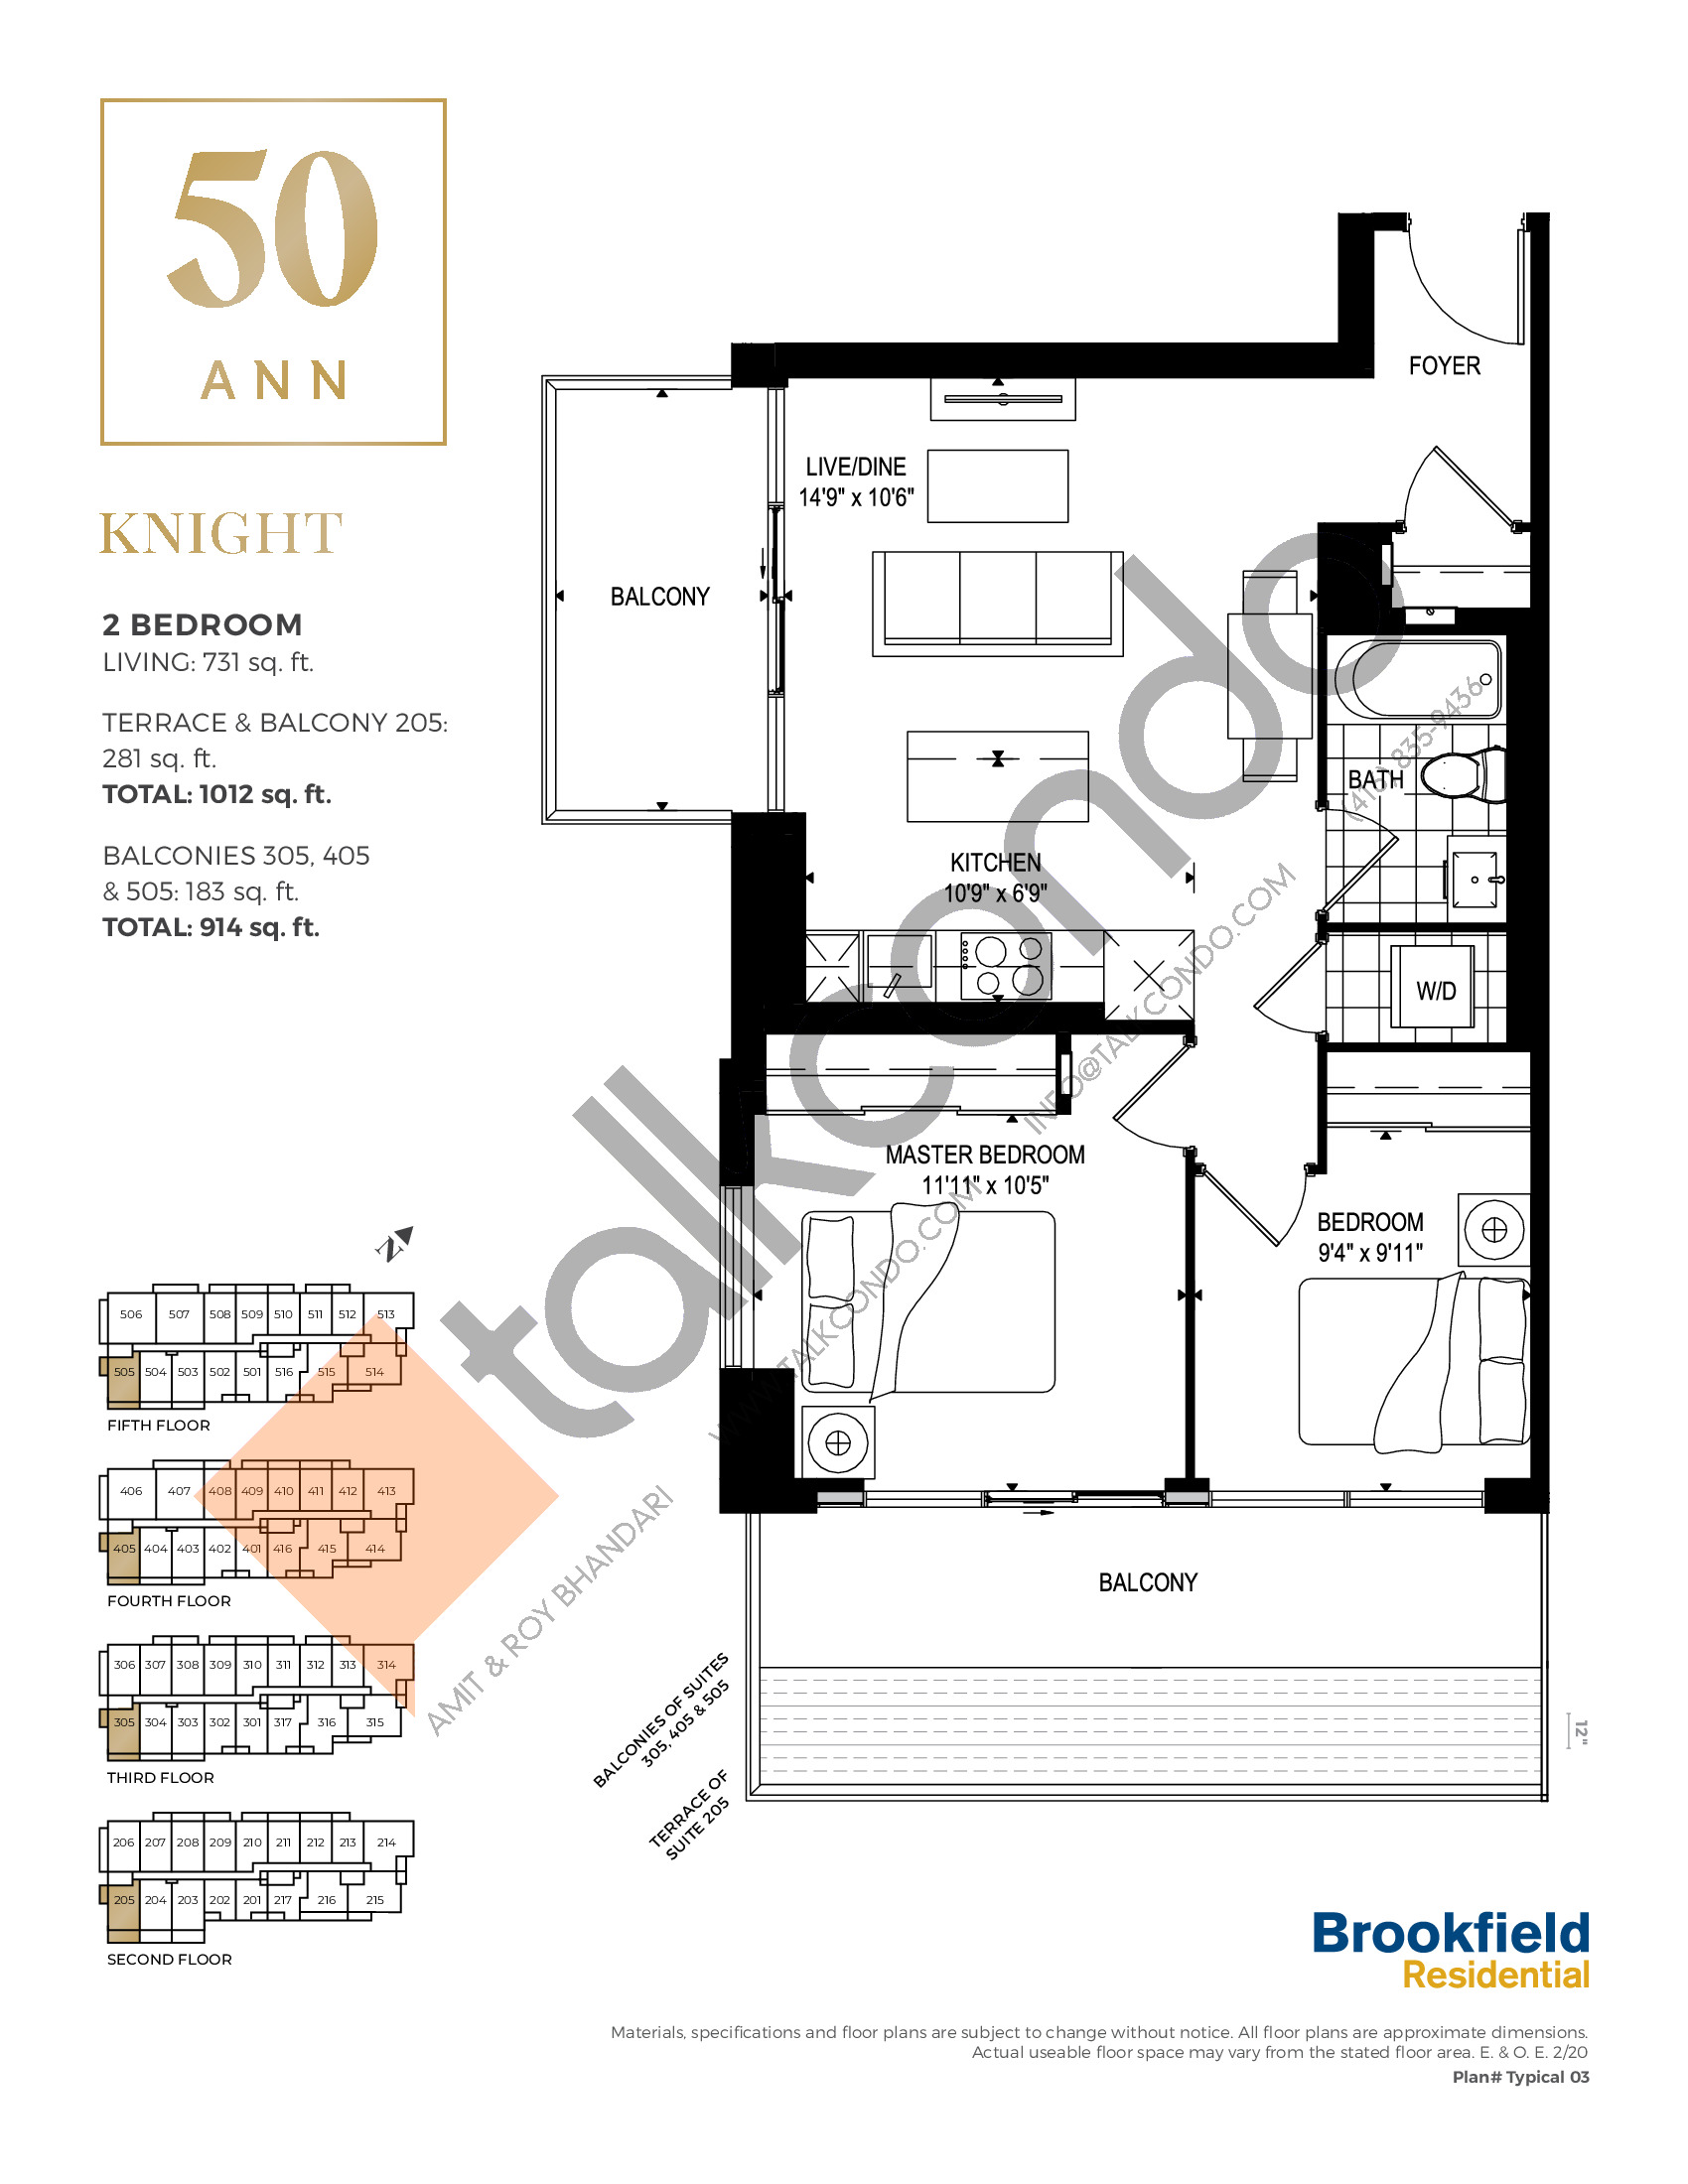 Knight Floor Plan at 50 Ann Condos - 731 sq.ft